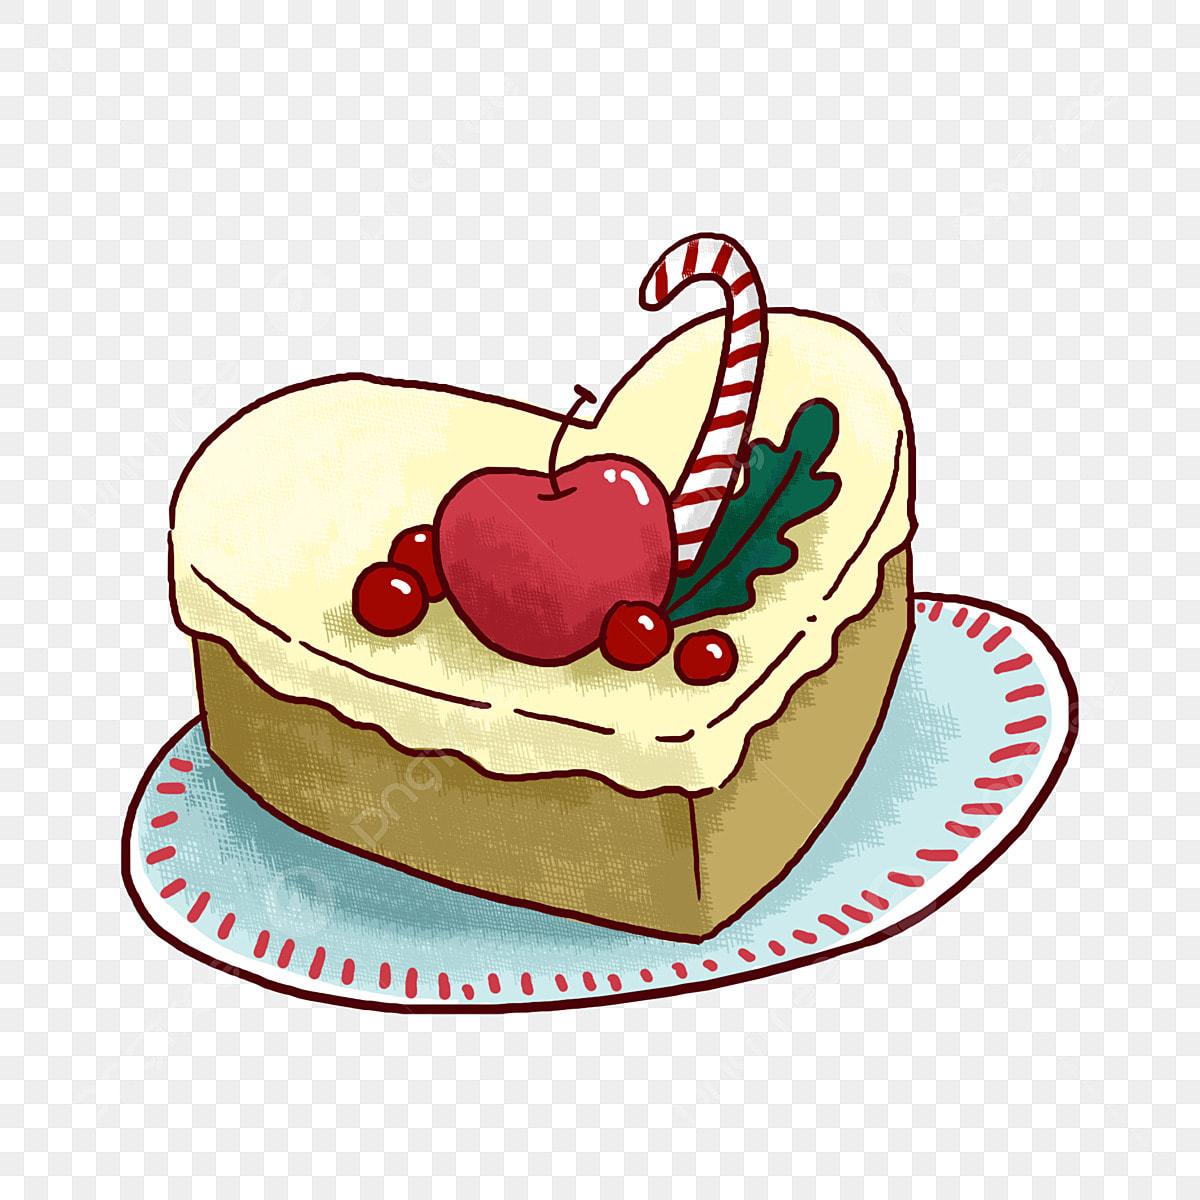 Weihnachten Bilder Clipart.Weihnachten Weihnachten Heiligabend Frieden Obst Apple Strauß Bogen